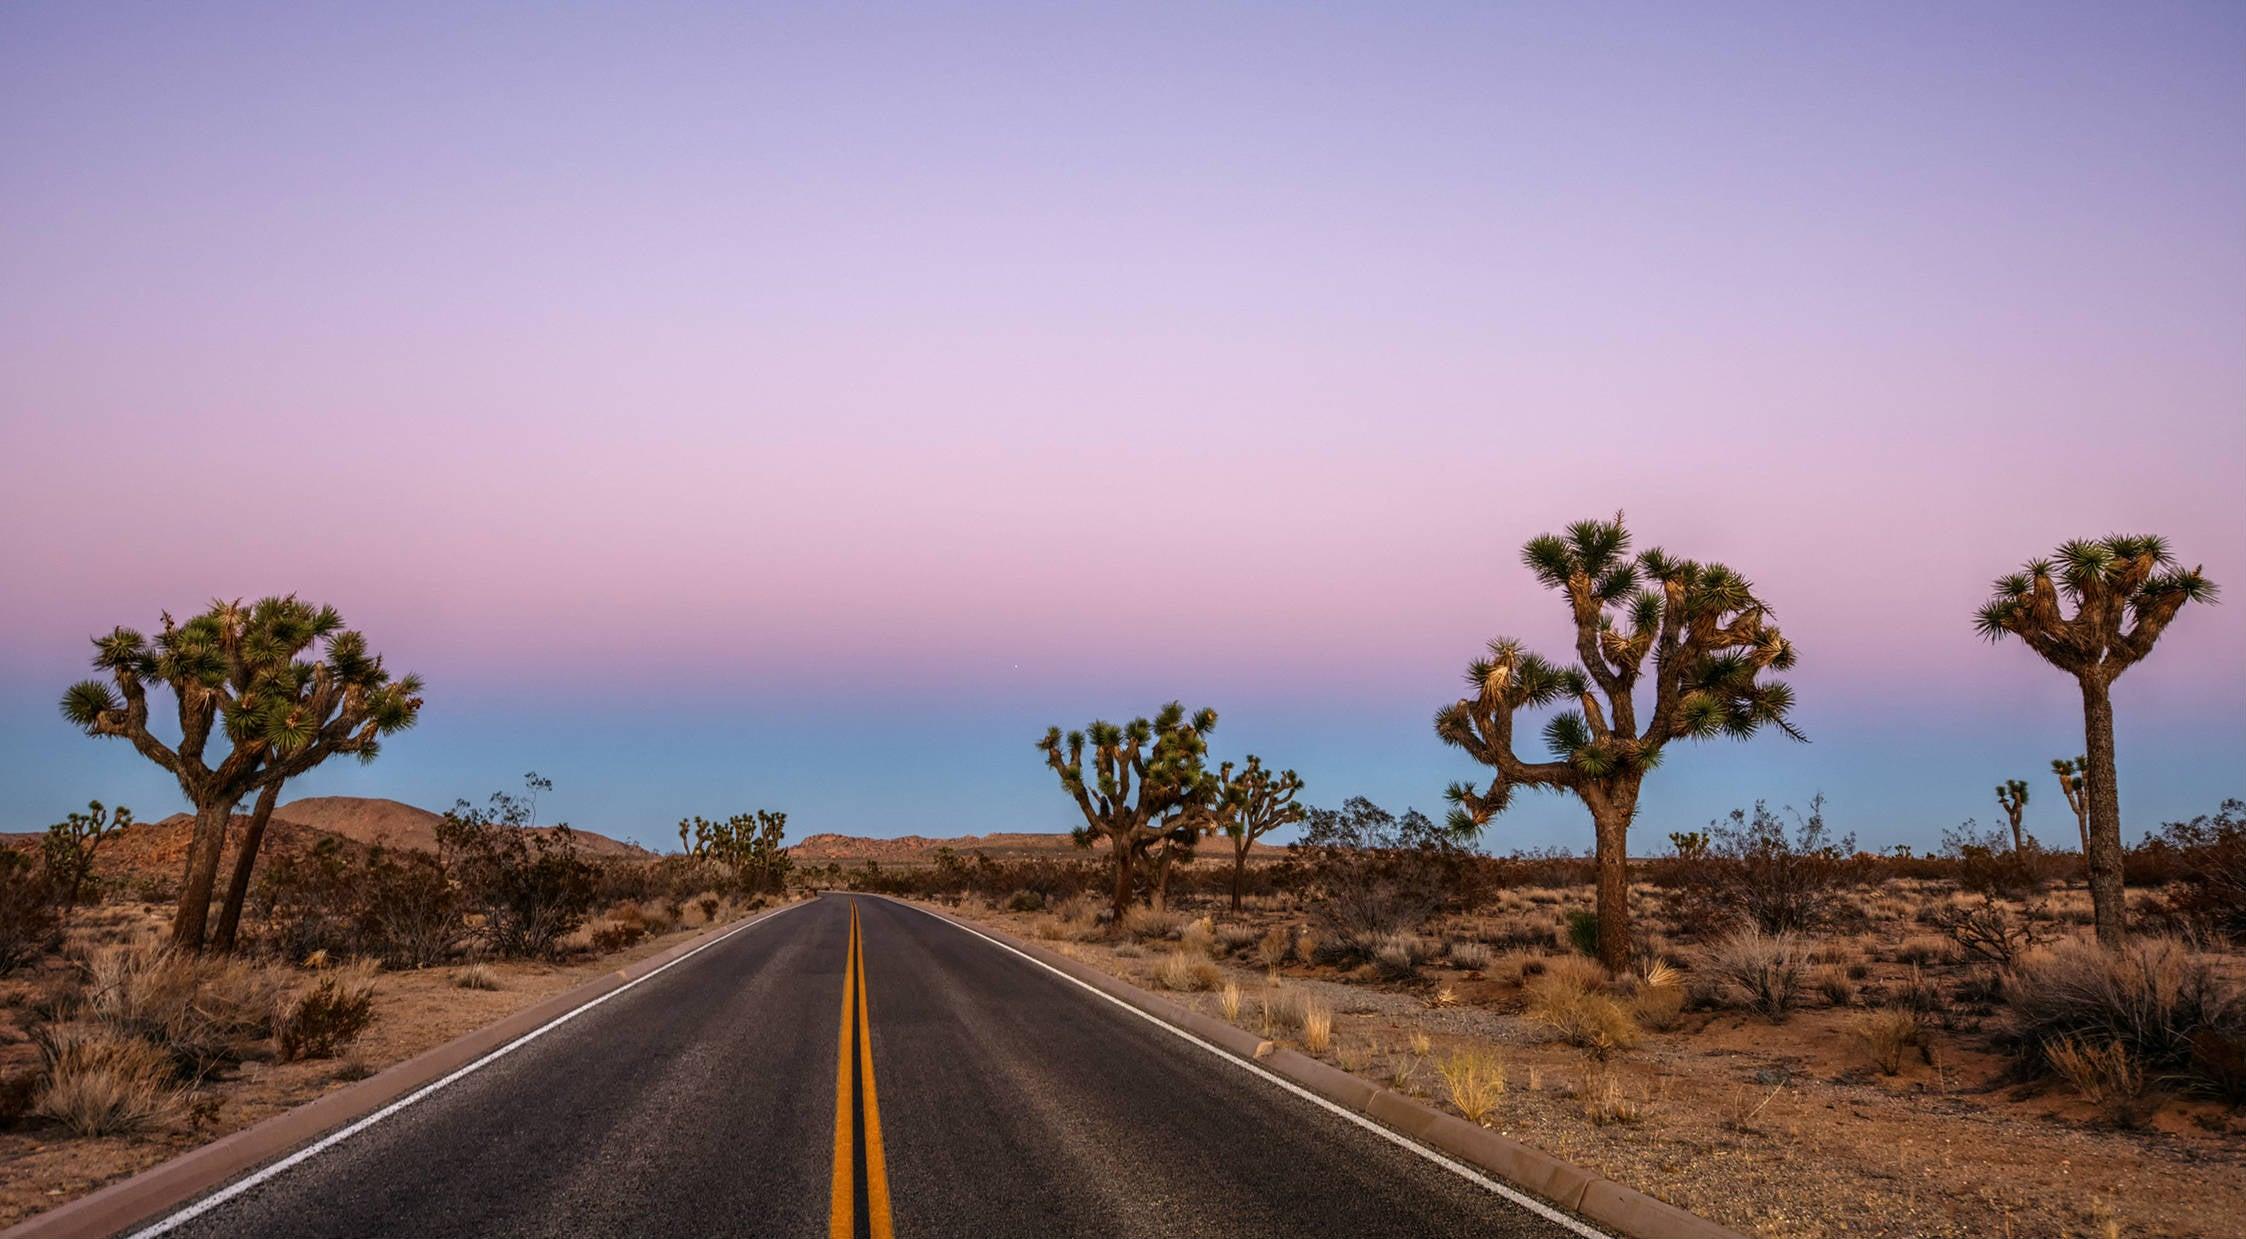 road to joshua tree national park